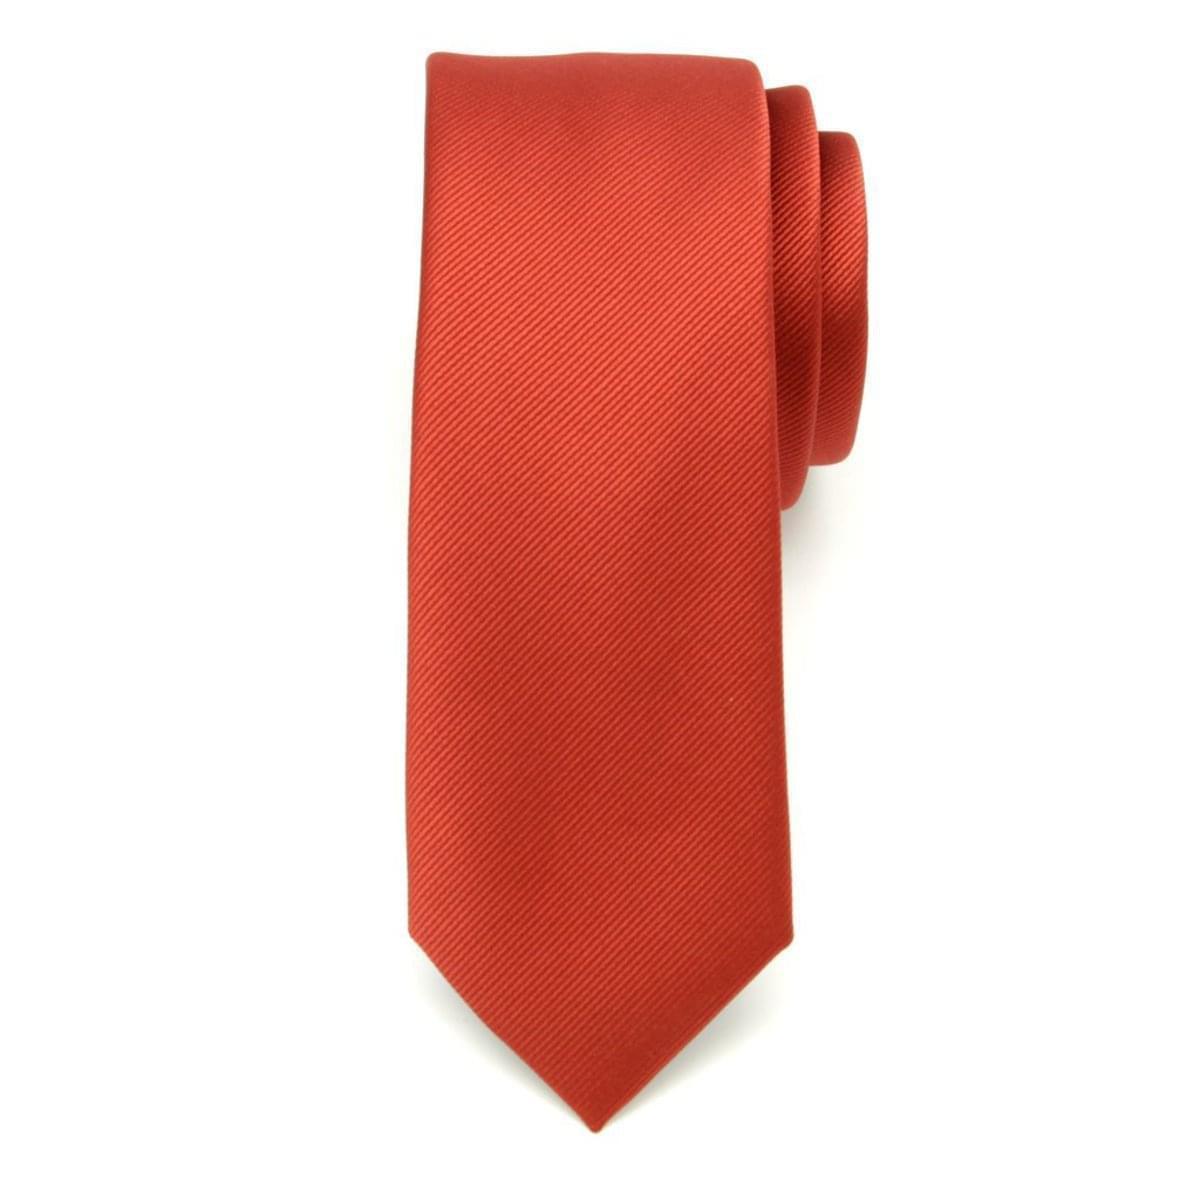 a925f16e834 Pánská úzká kravata (vzor 1056) 4734 - Willsoor